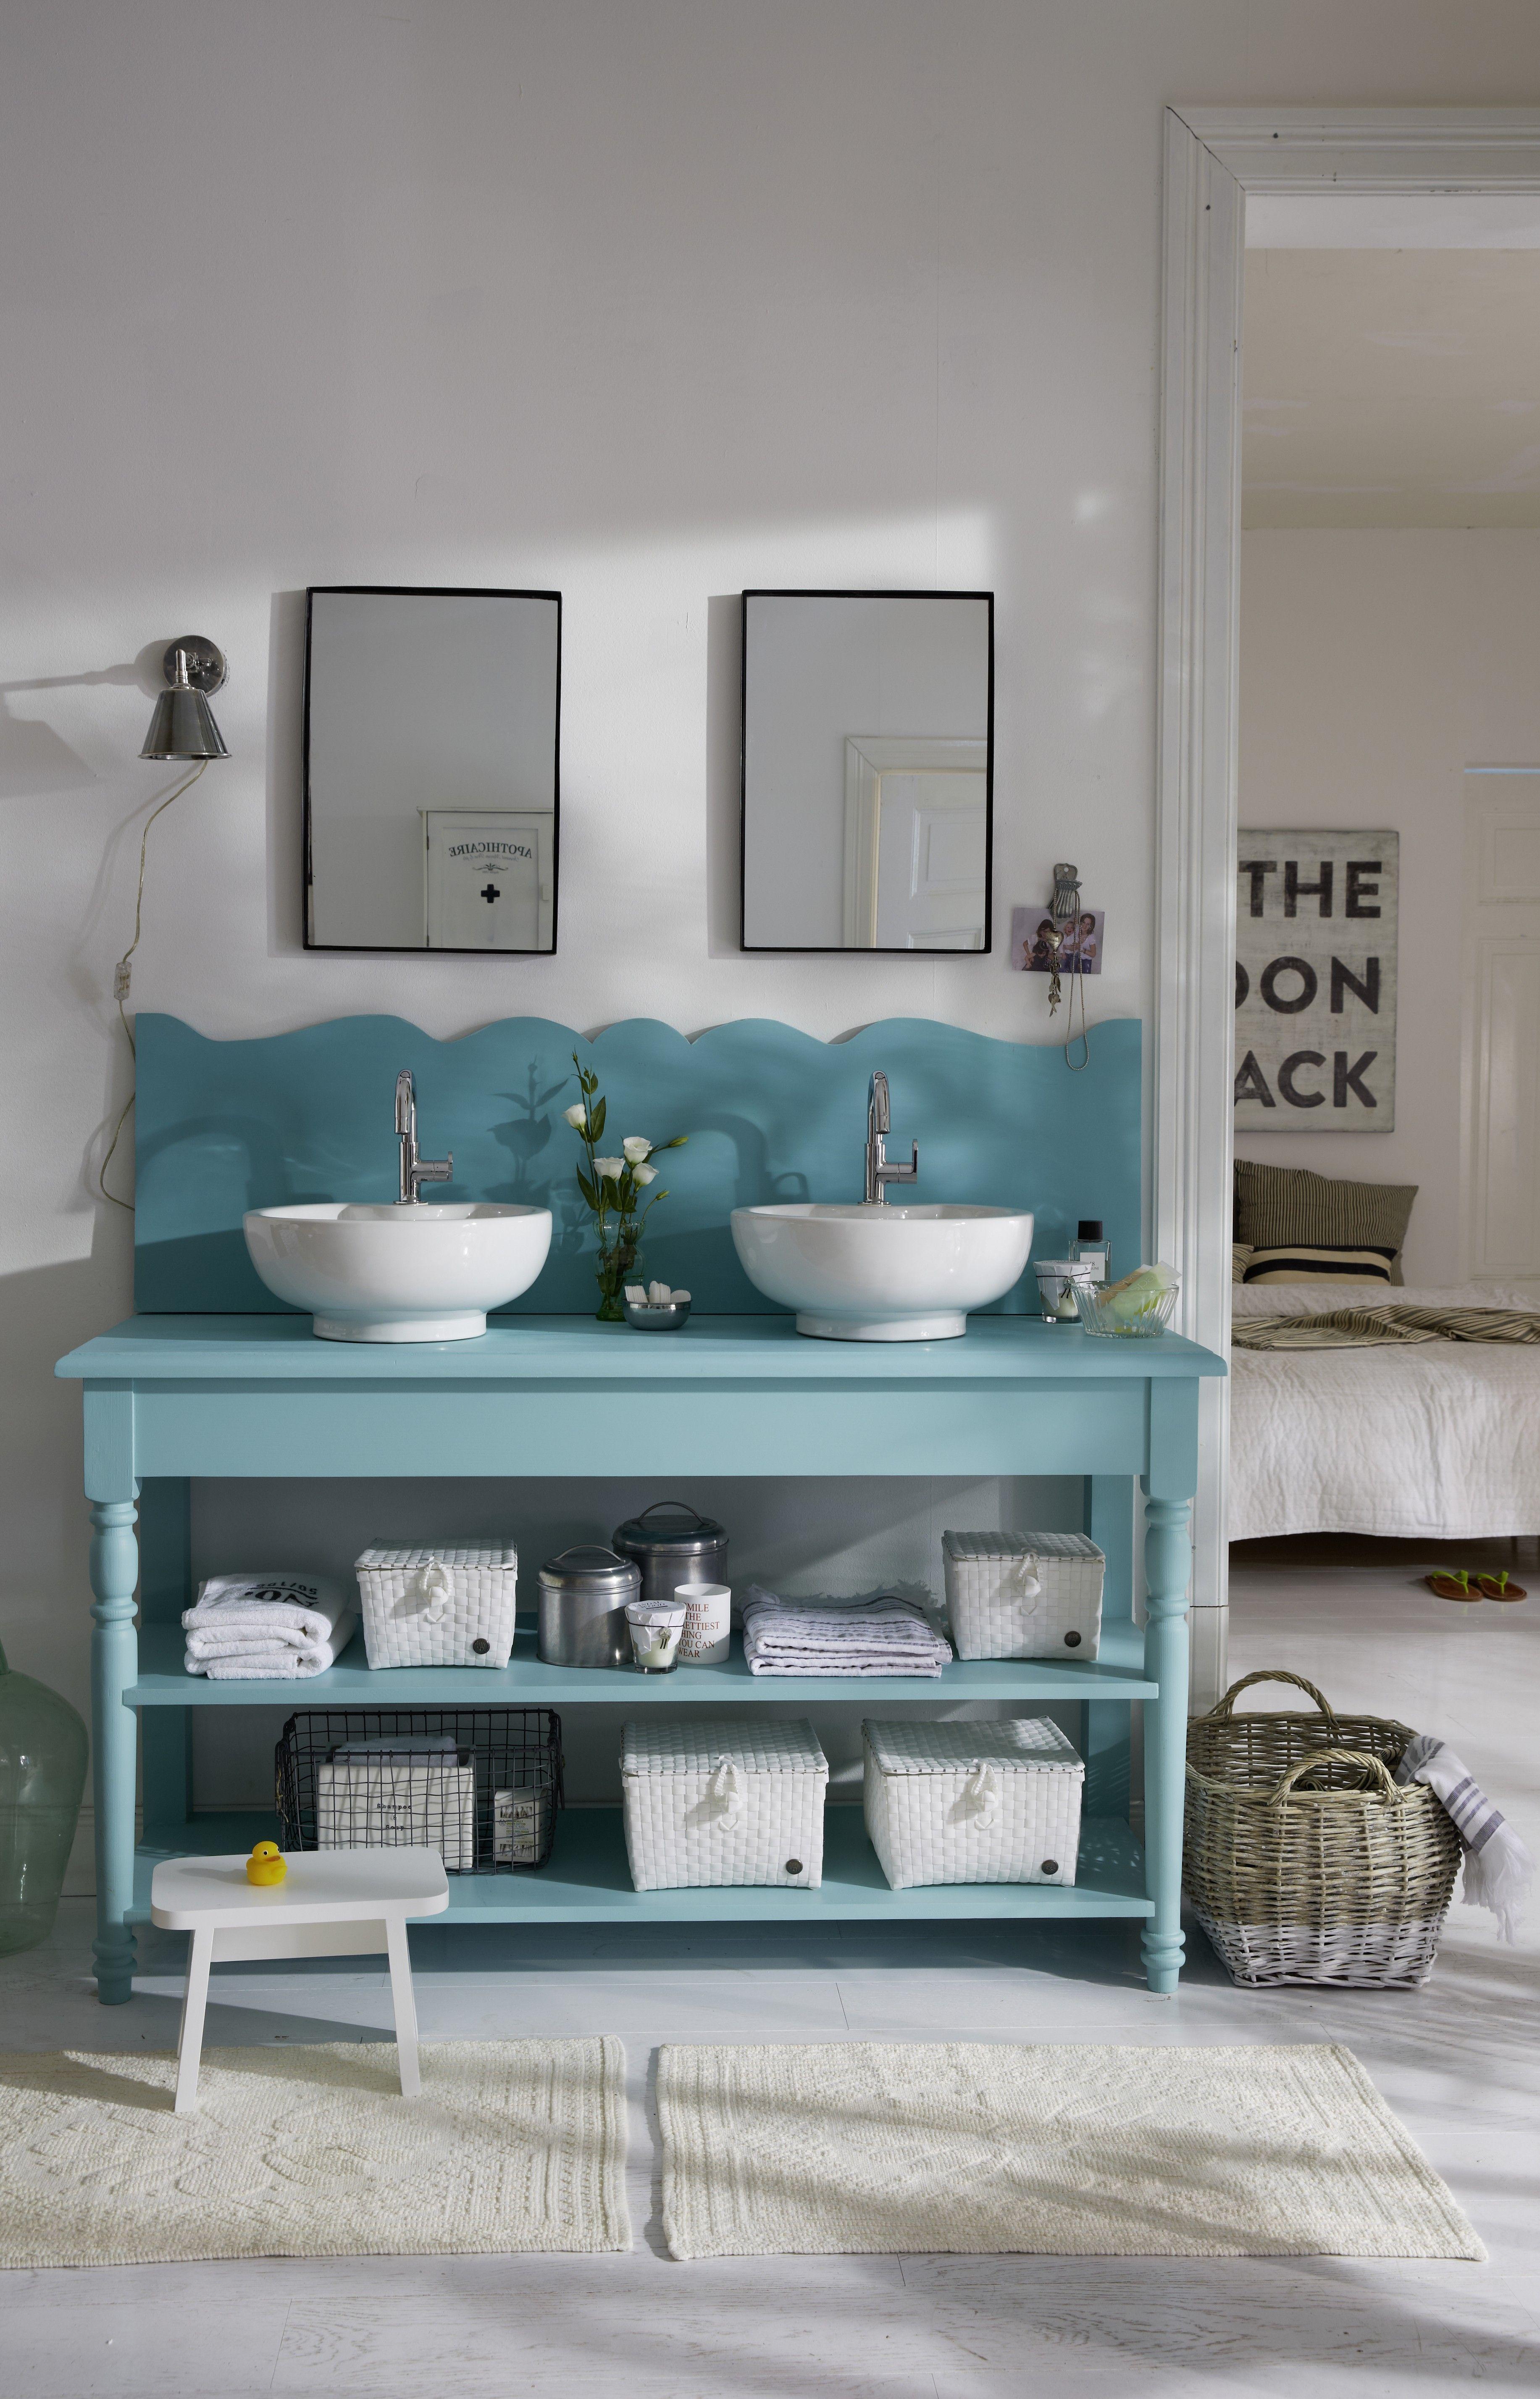 Faszinierend Möbel Für Kleines Bad Dekoration Von Auf Der Suche Nach Lösungen, Wie Man